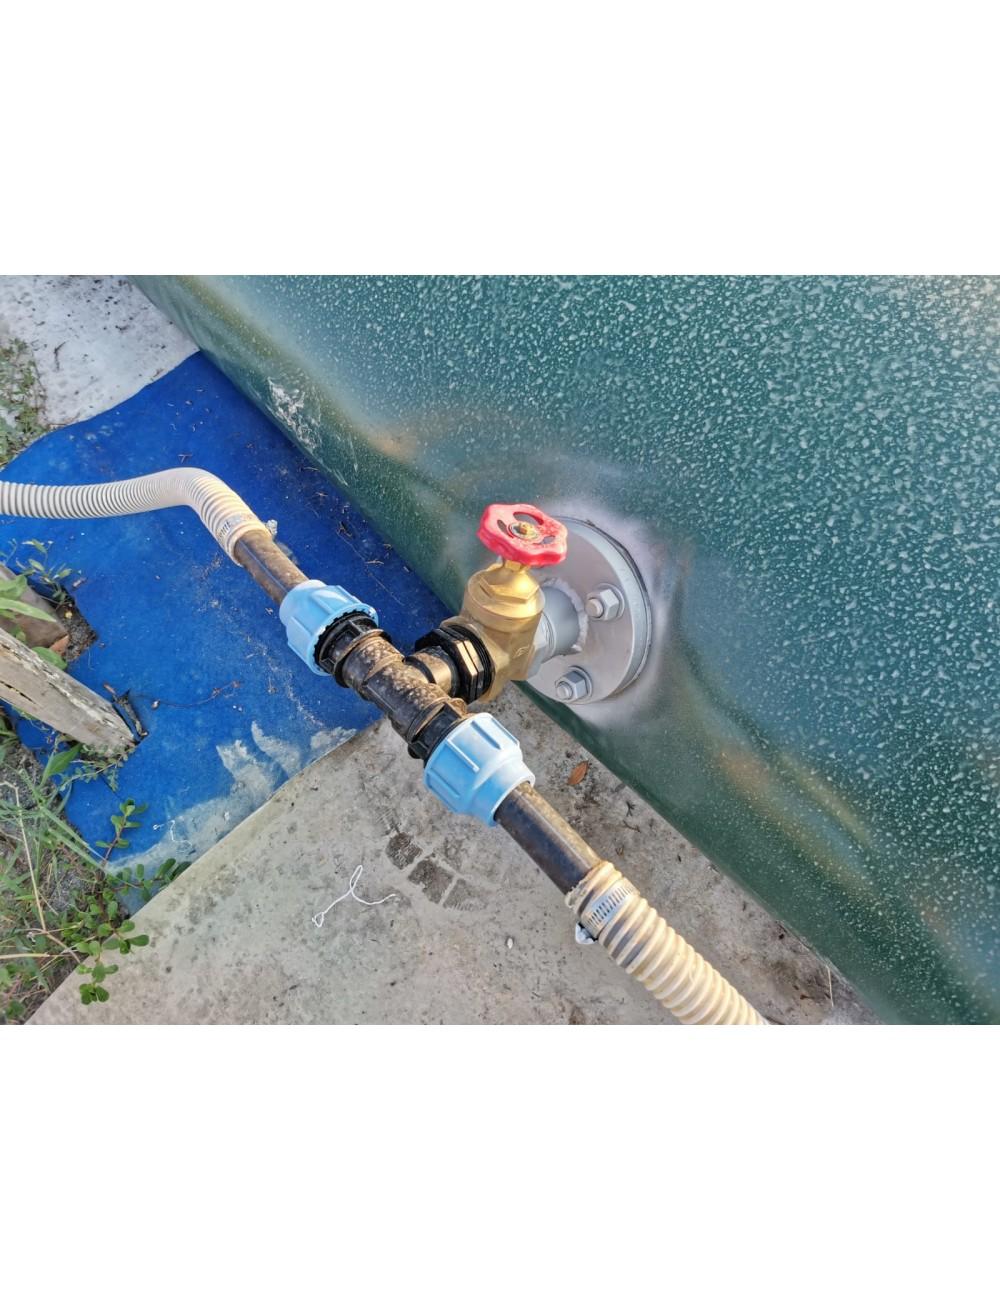 Telo in pvc per copri piscina personalizzato teloni massaro - Saldatura telo pvc piscina ...